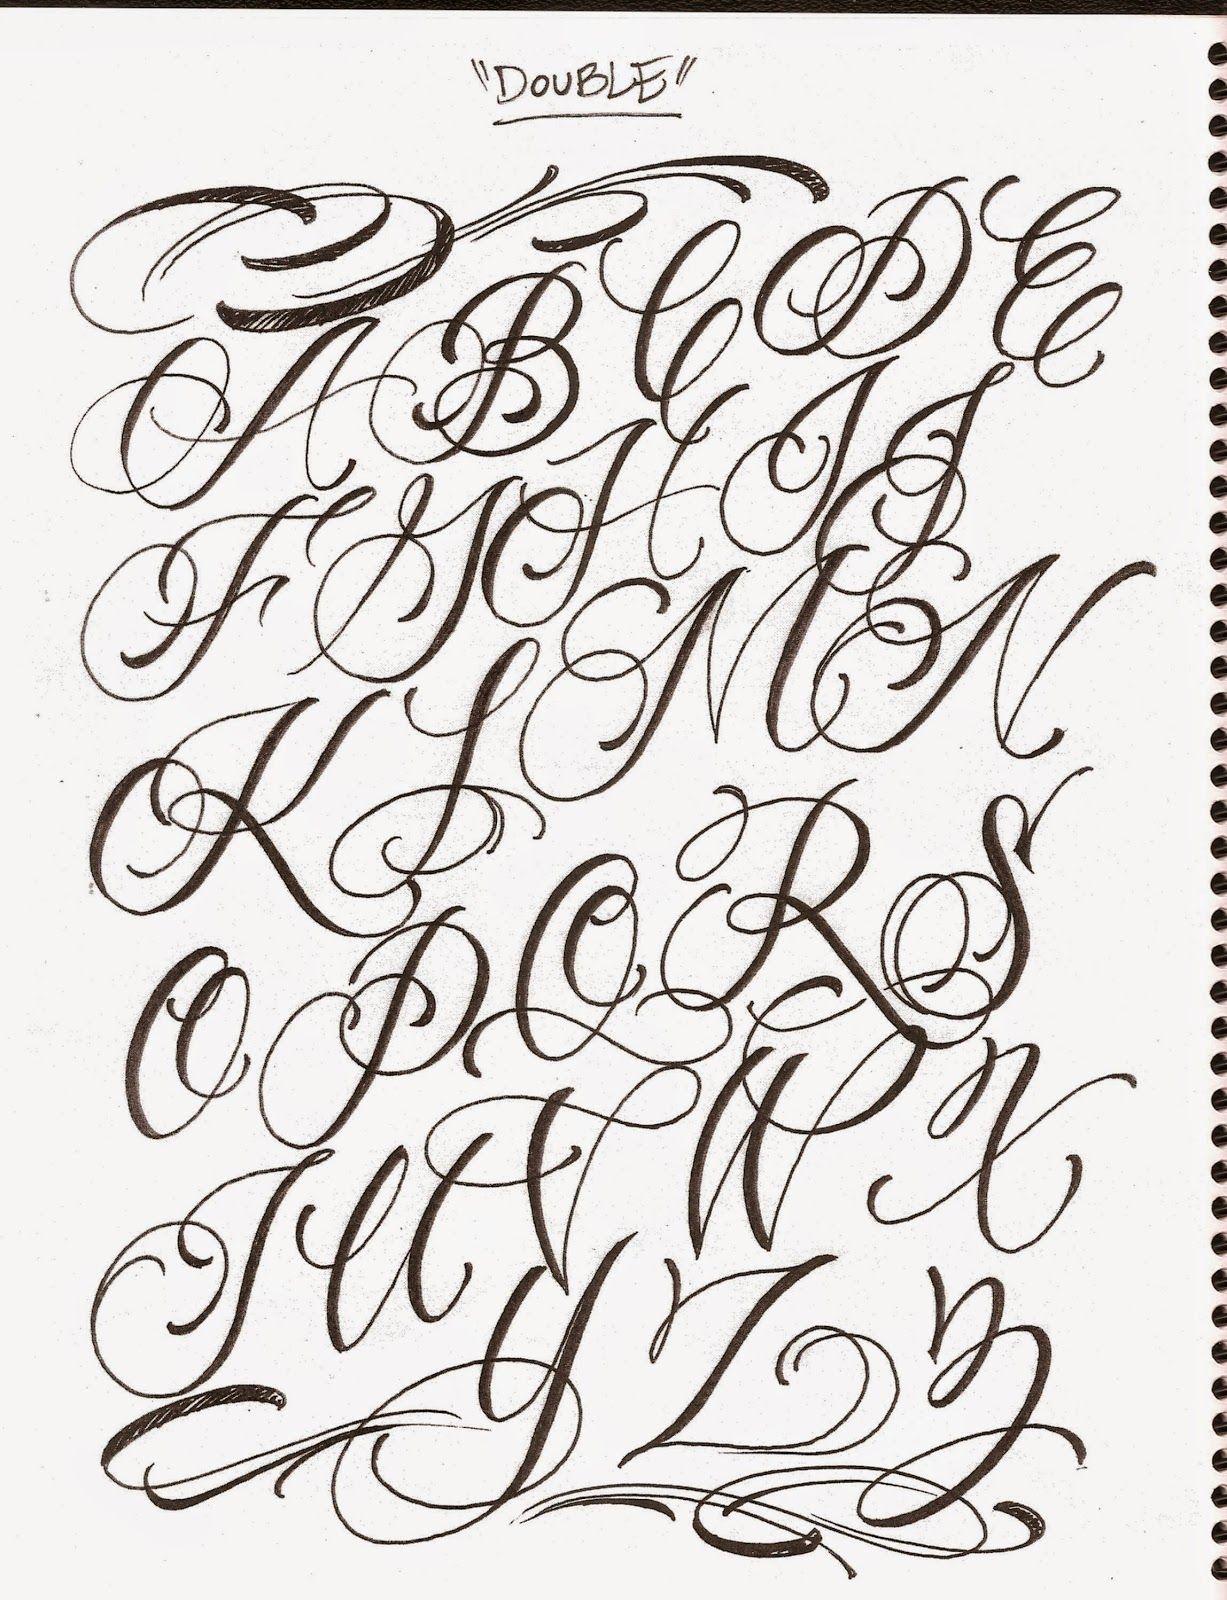 tattooletteringbesthomedecoratingideas.jpg (1227×1600